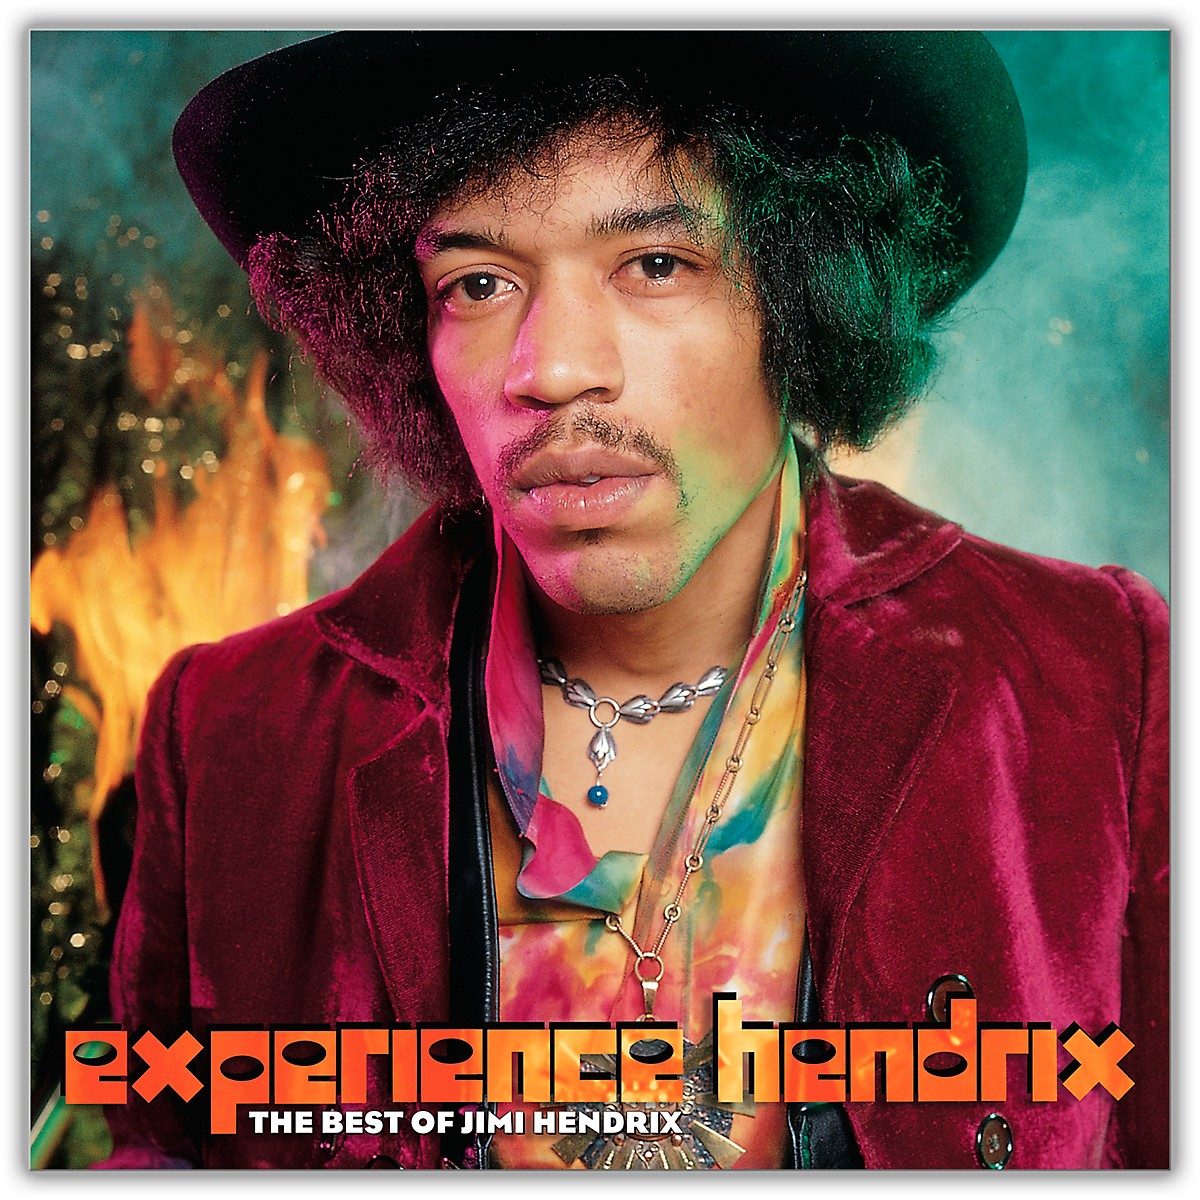 Sony Jimi Hendrix Experience, The - Experience Hendrix: The Best Of Jimi Hendrix